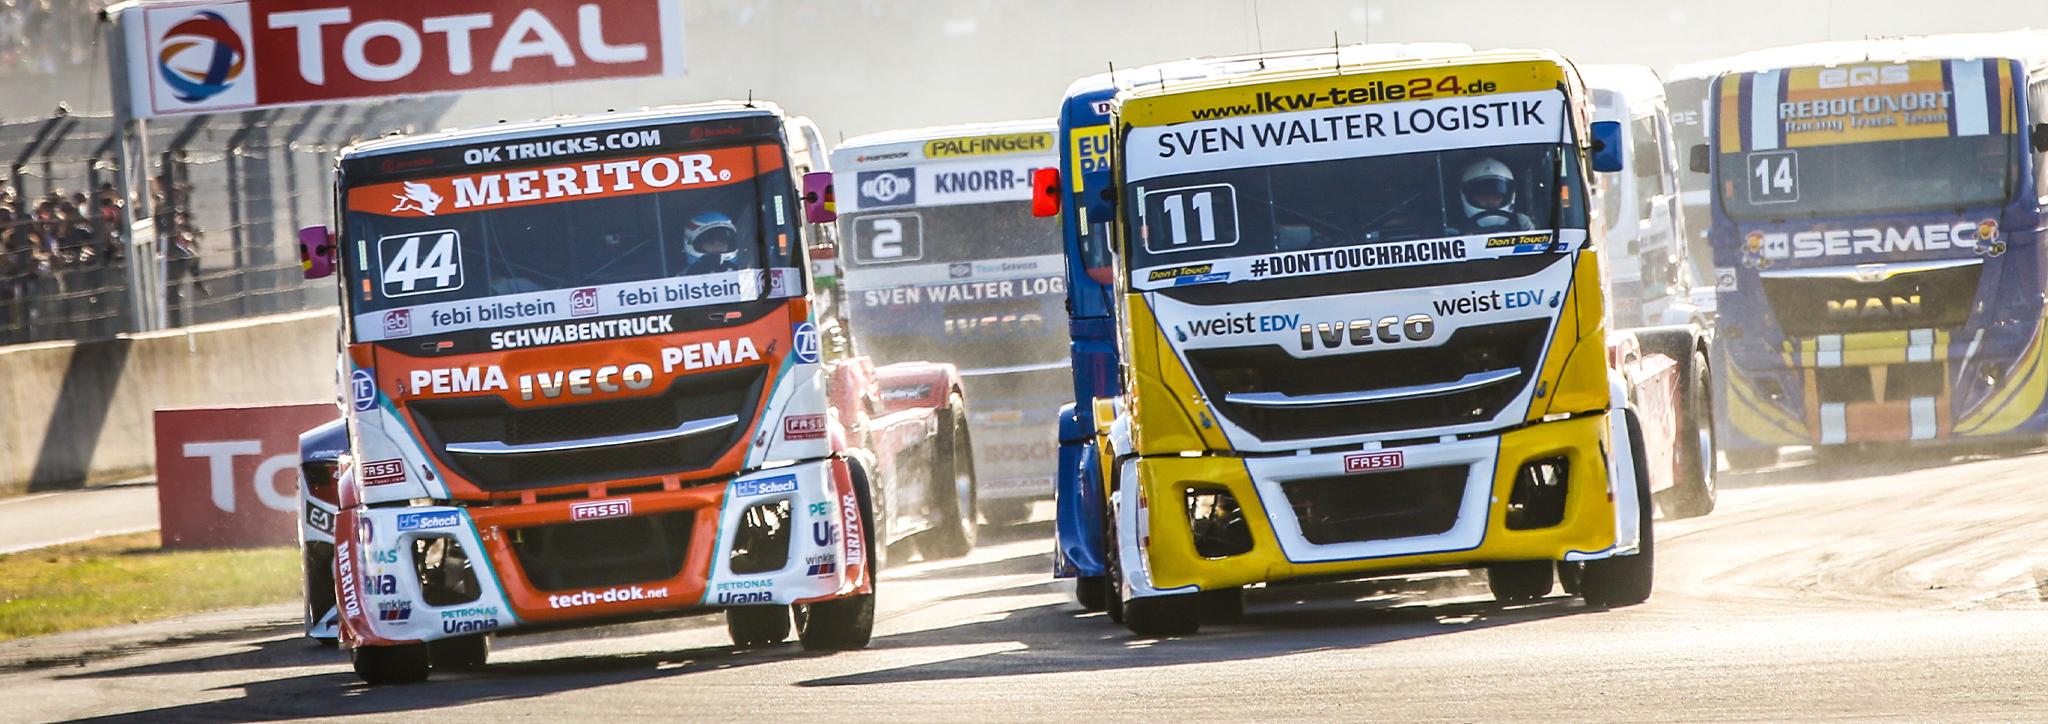 FIA ETRC - Een kijkje in de wereld van truck racing met IVECO-coureur Steffi Halm